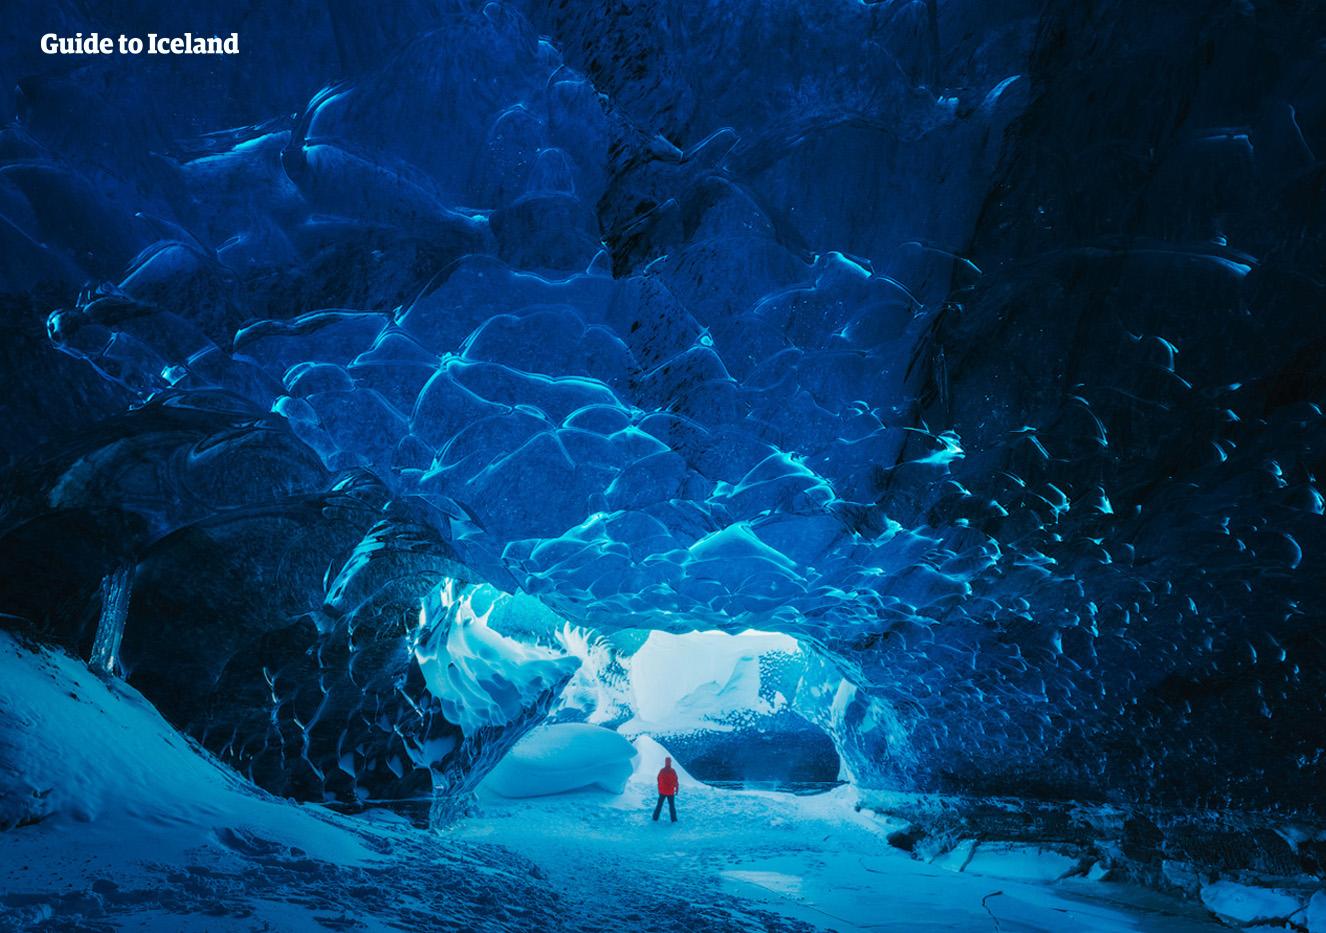 Autotour hiver de 12 jours | Tour de l'Islande et découverte de Snaefellsnes - day 4